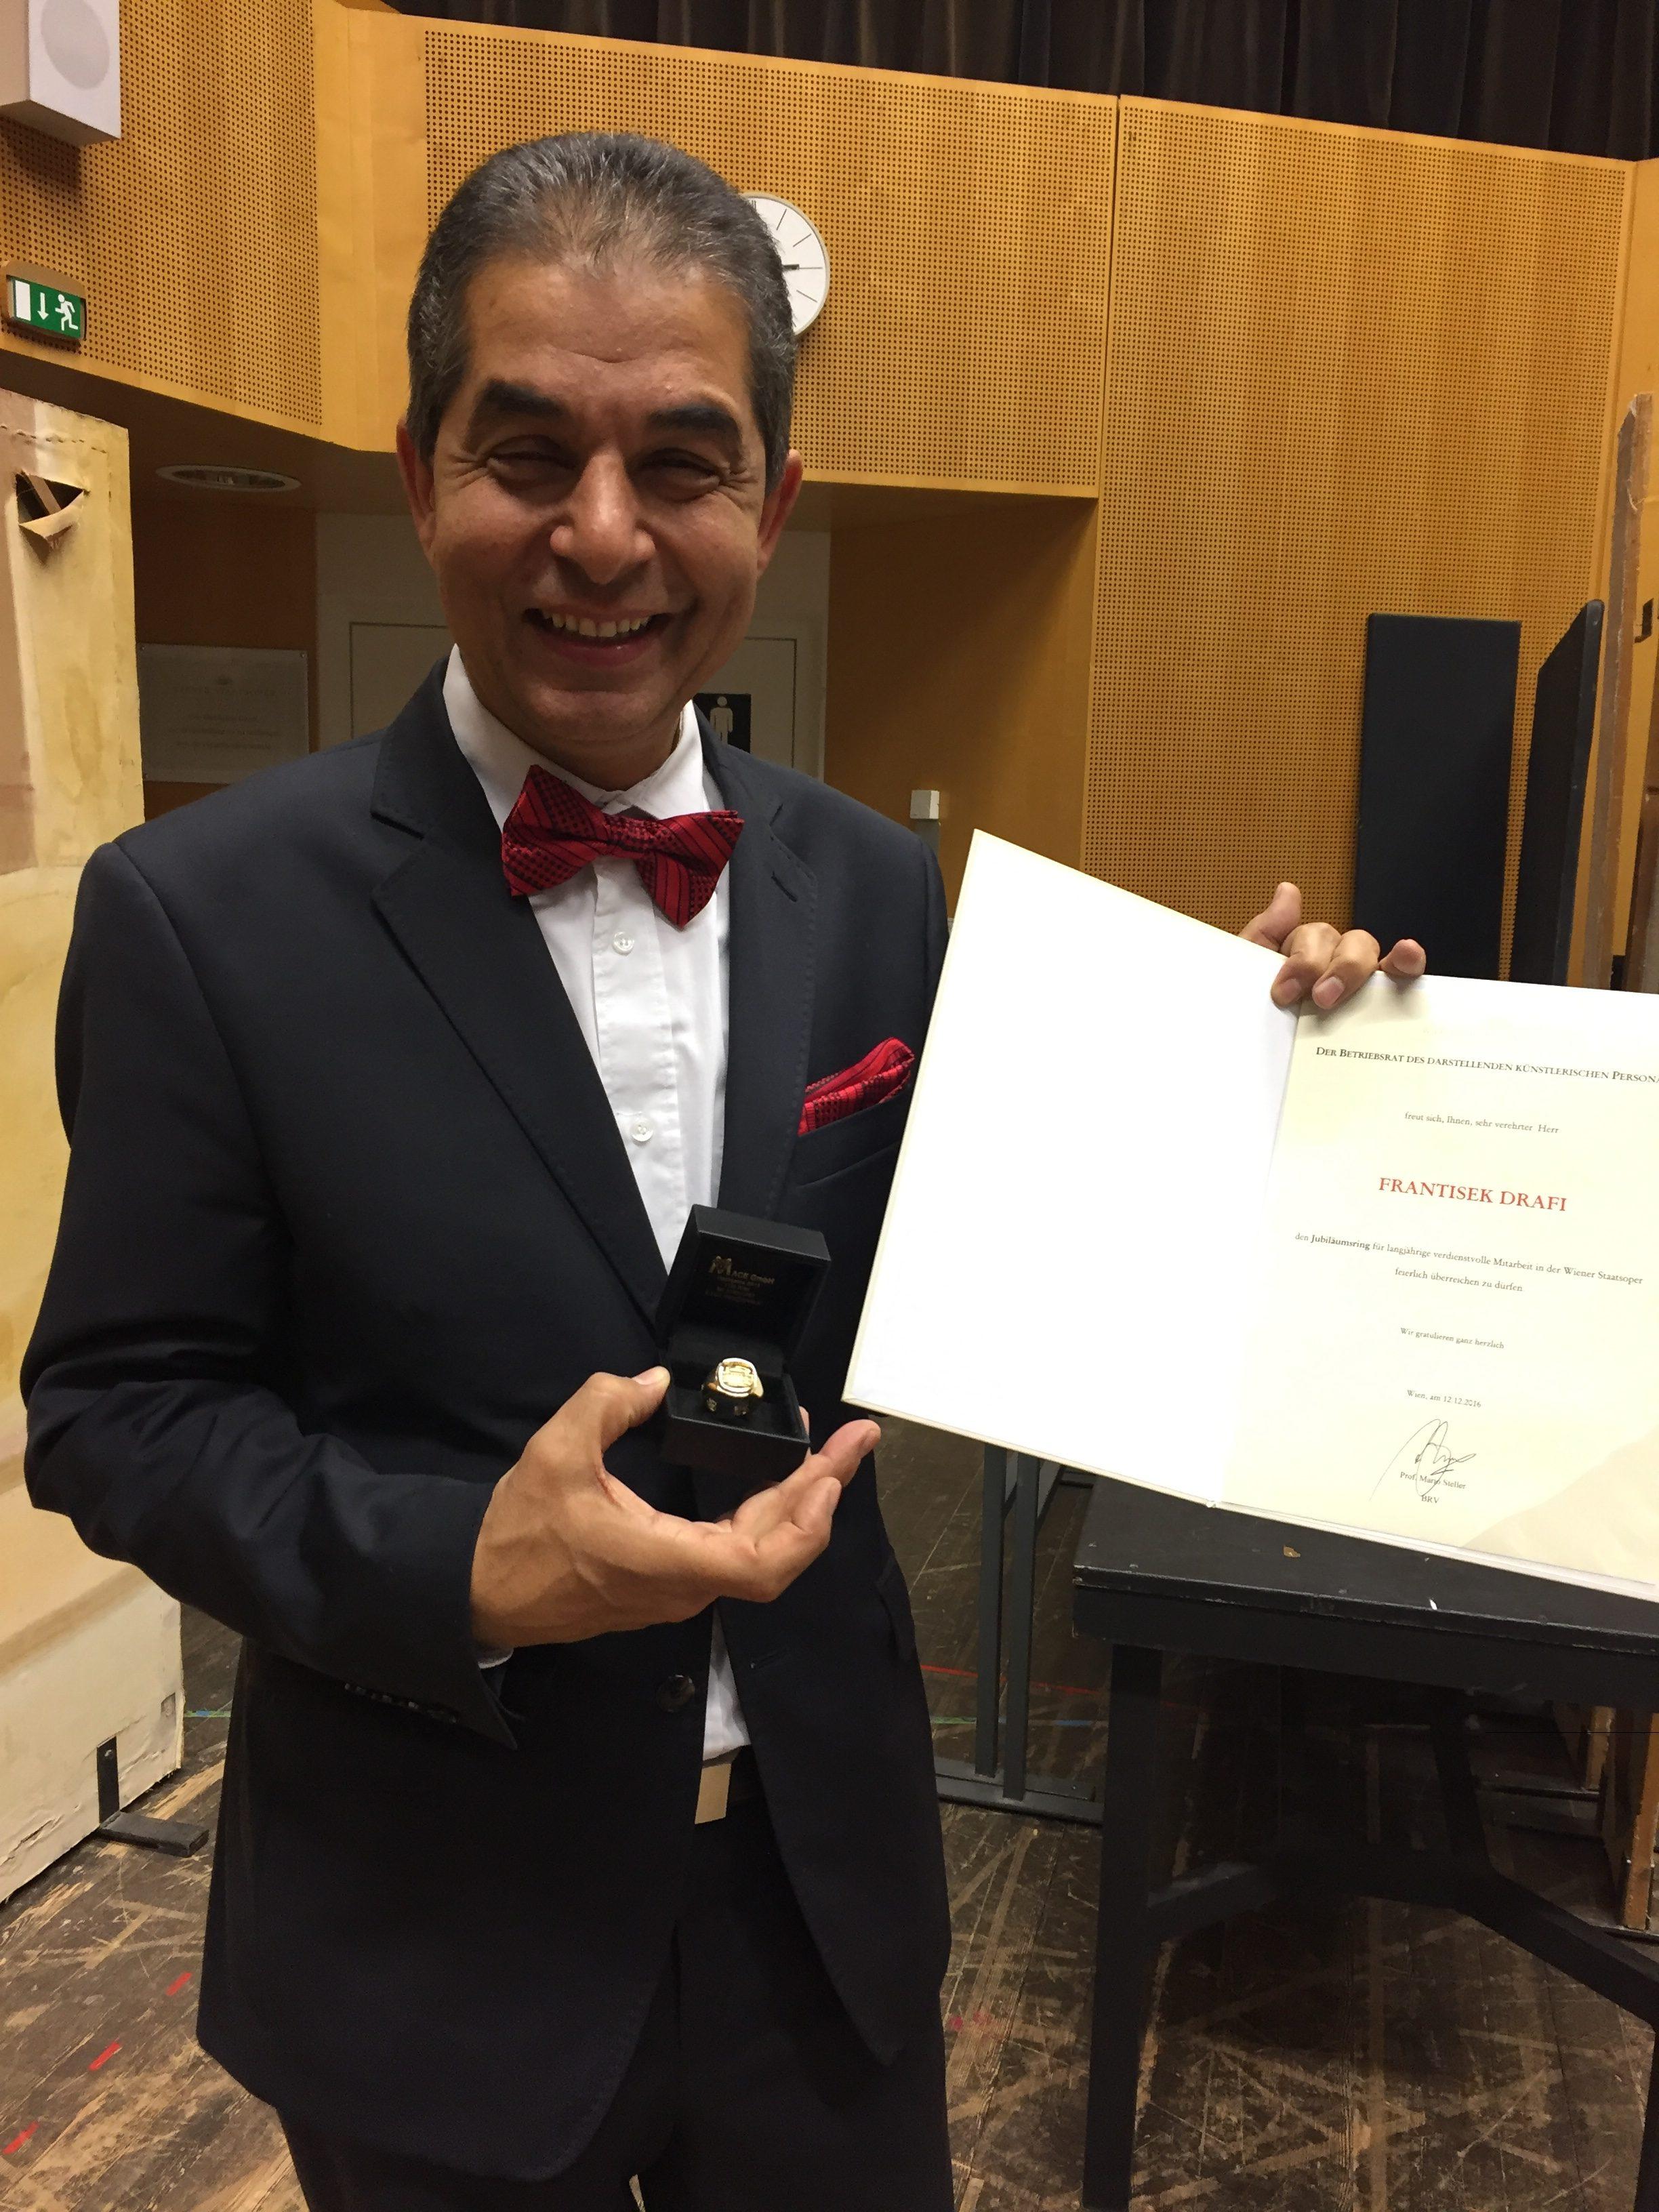 Frantisek Drafi bekommt von der Wiener Staatsoper den Goldenen Ring und ein Diplom als Auszeichnung verliehen.